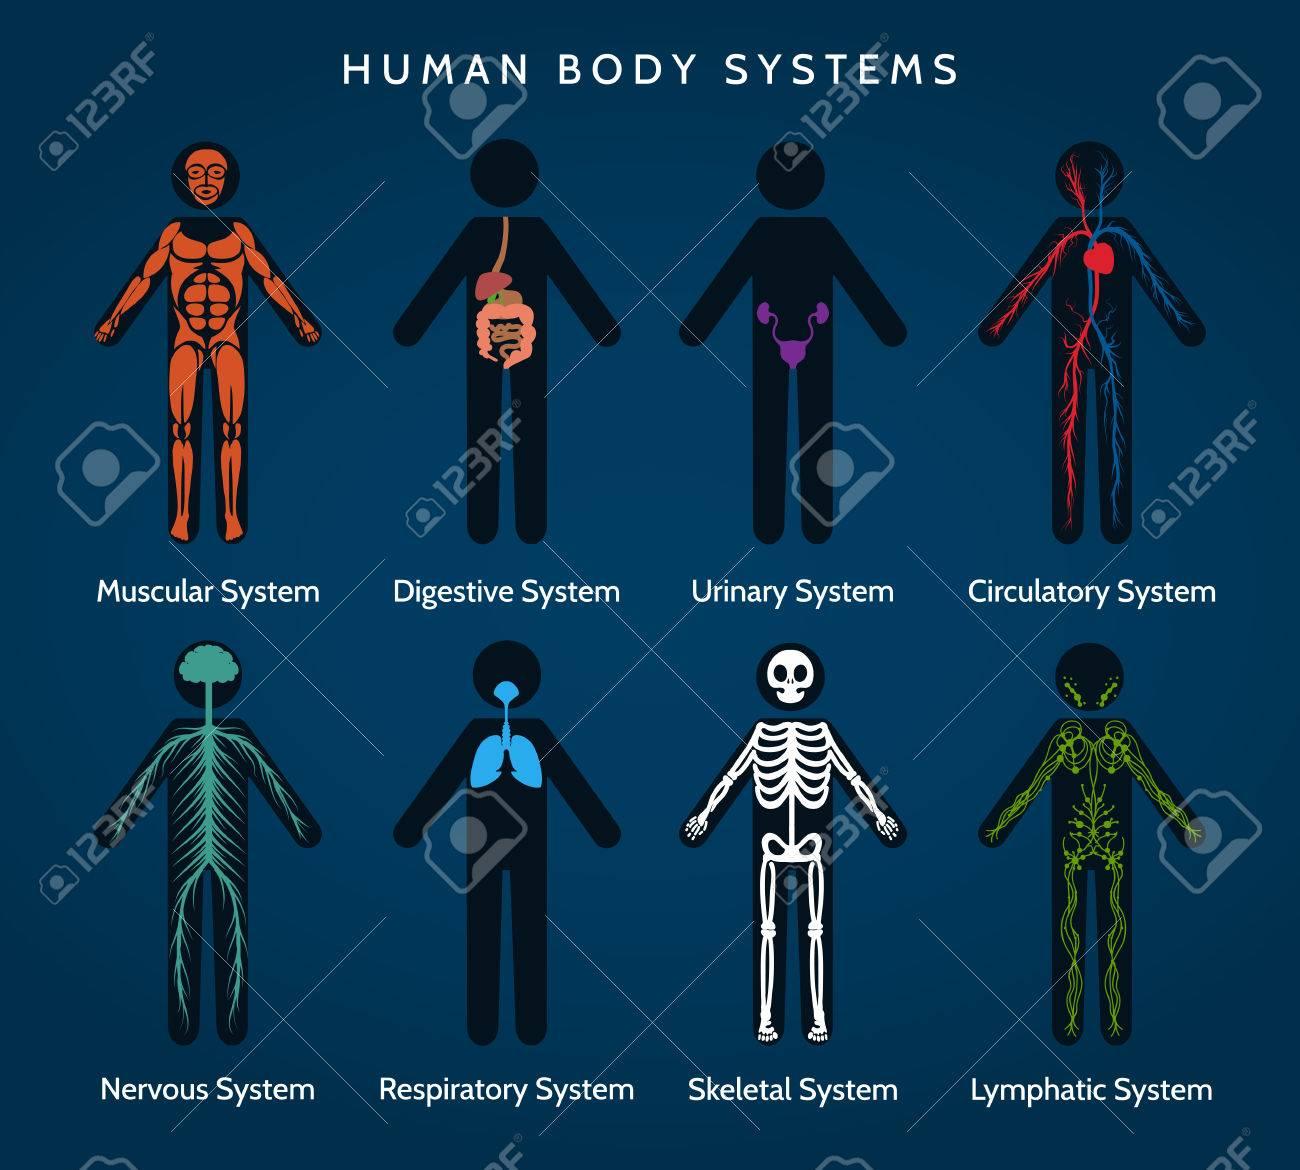 Großzügig Was Sind Die Menschlichen Körpersysteme Fotos ...